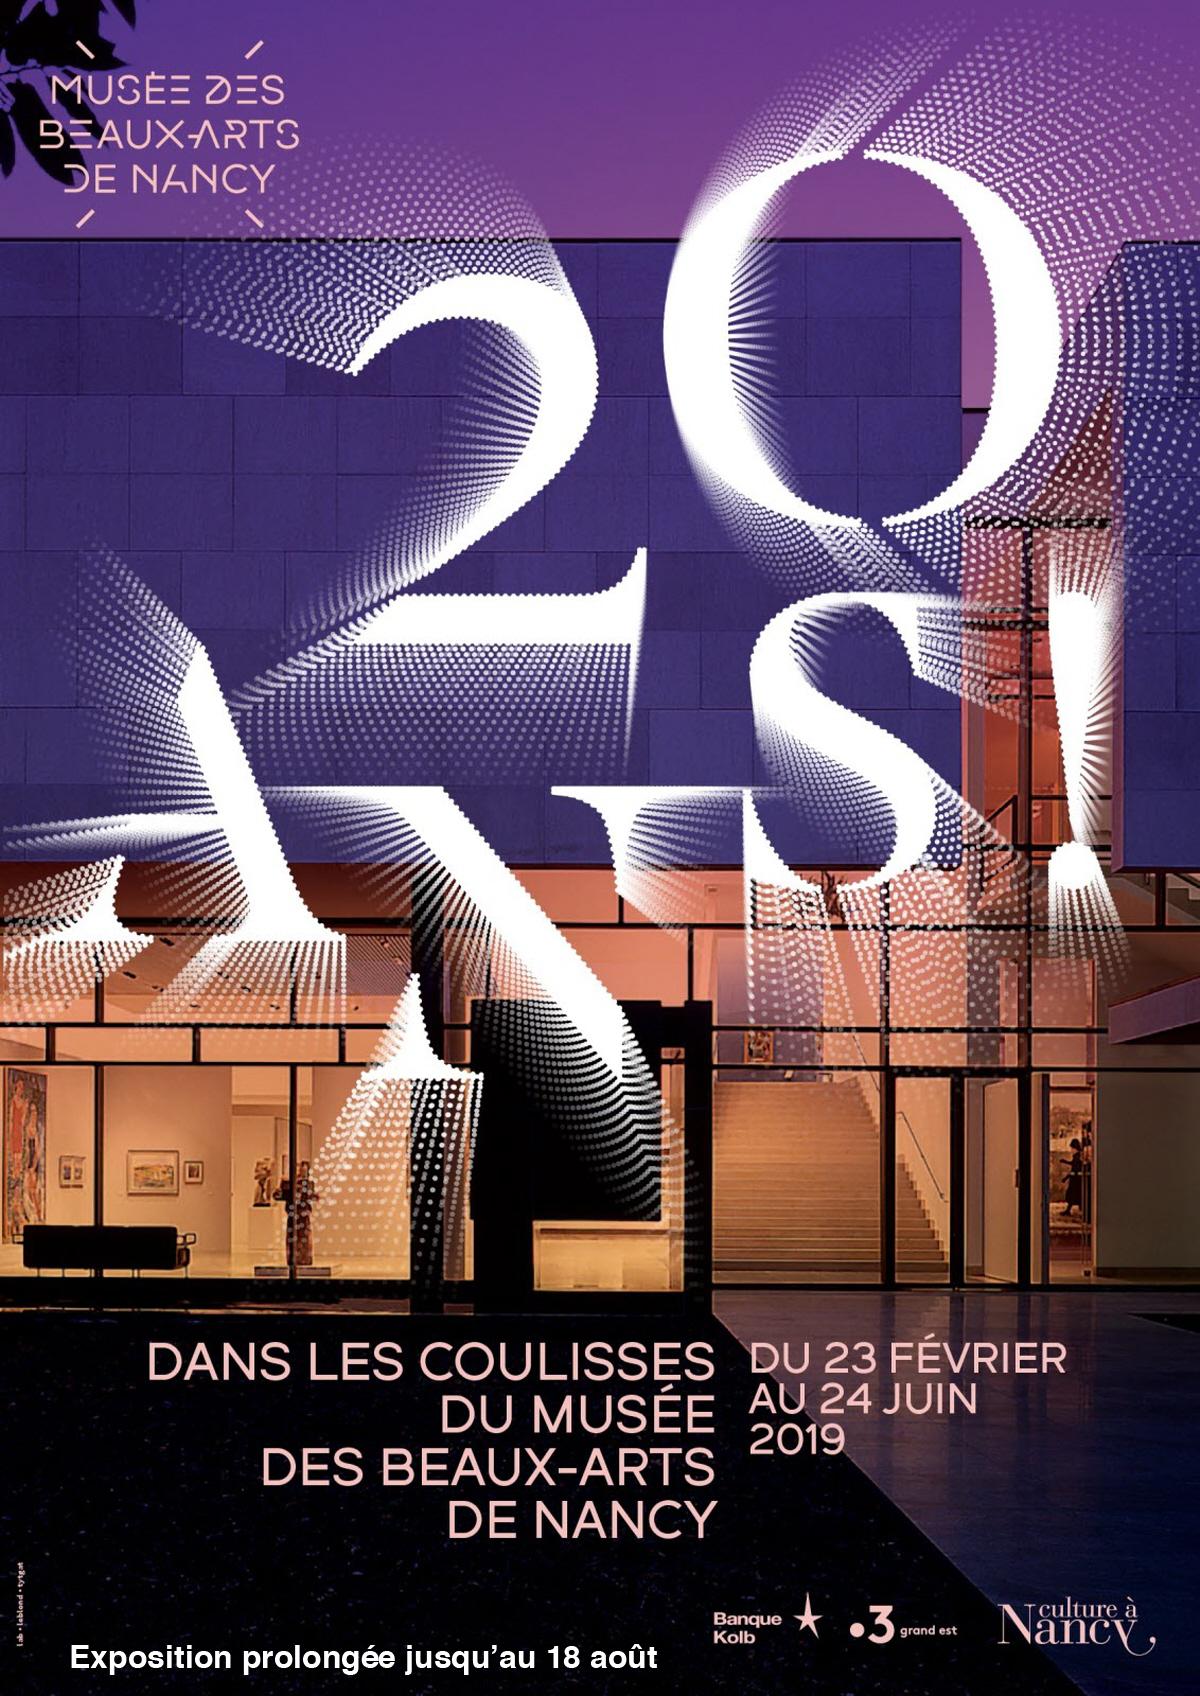 illustration-1999-2019-20-ans-dans-les-coulisses-du-musee-des-beaux-arts-de-nancy_1-1552897508